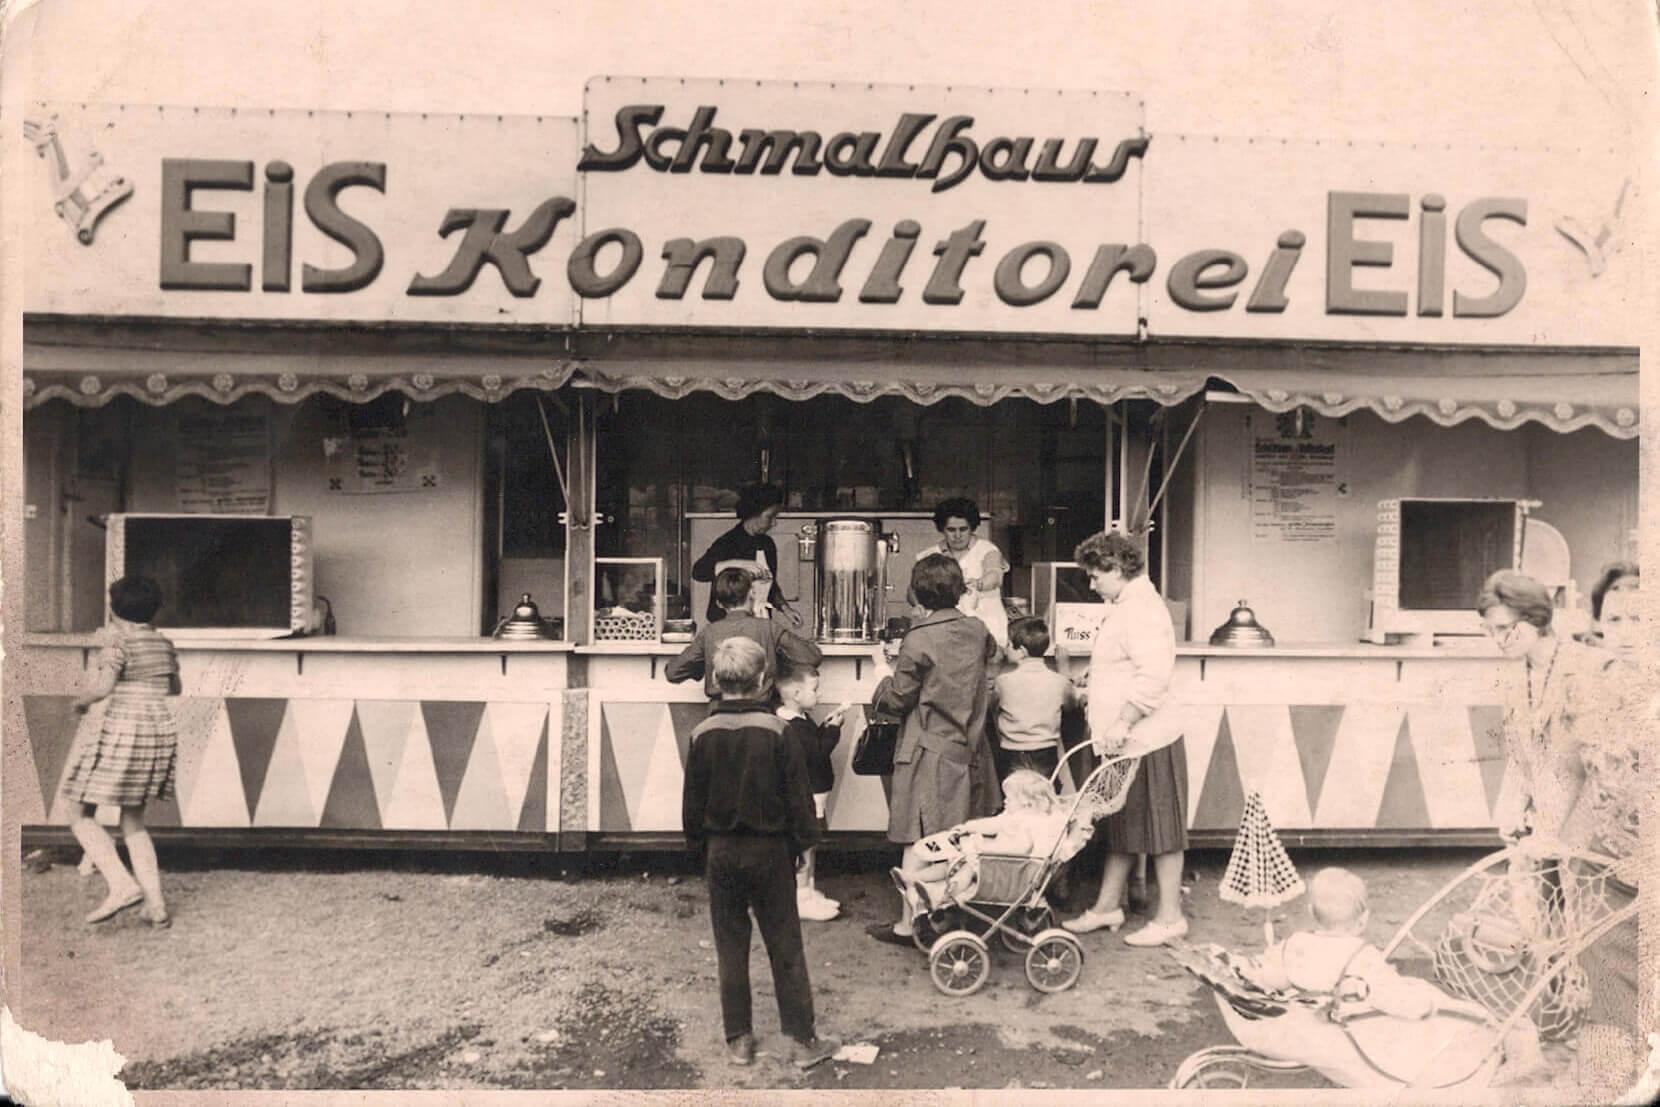 Schmalhaus Eis historisch Eiskonditorei 60er Jahre